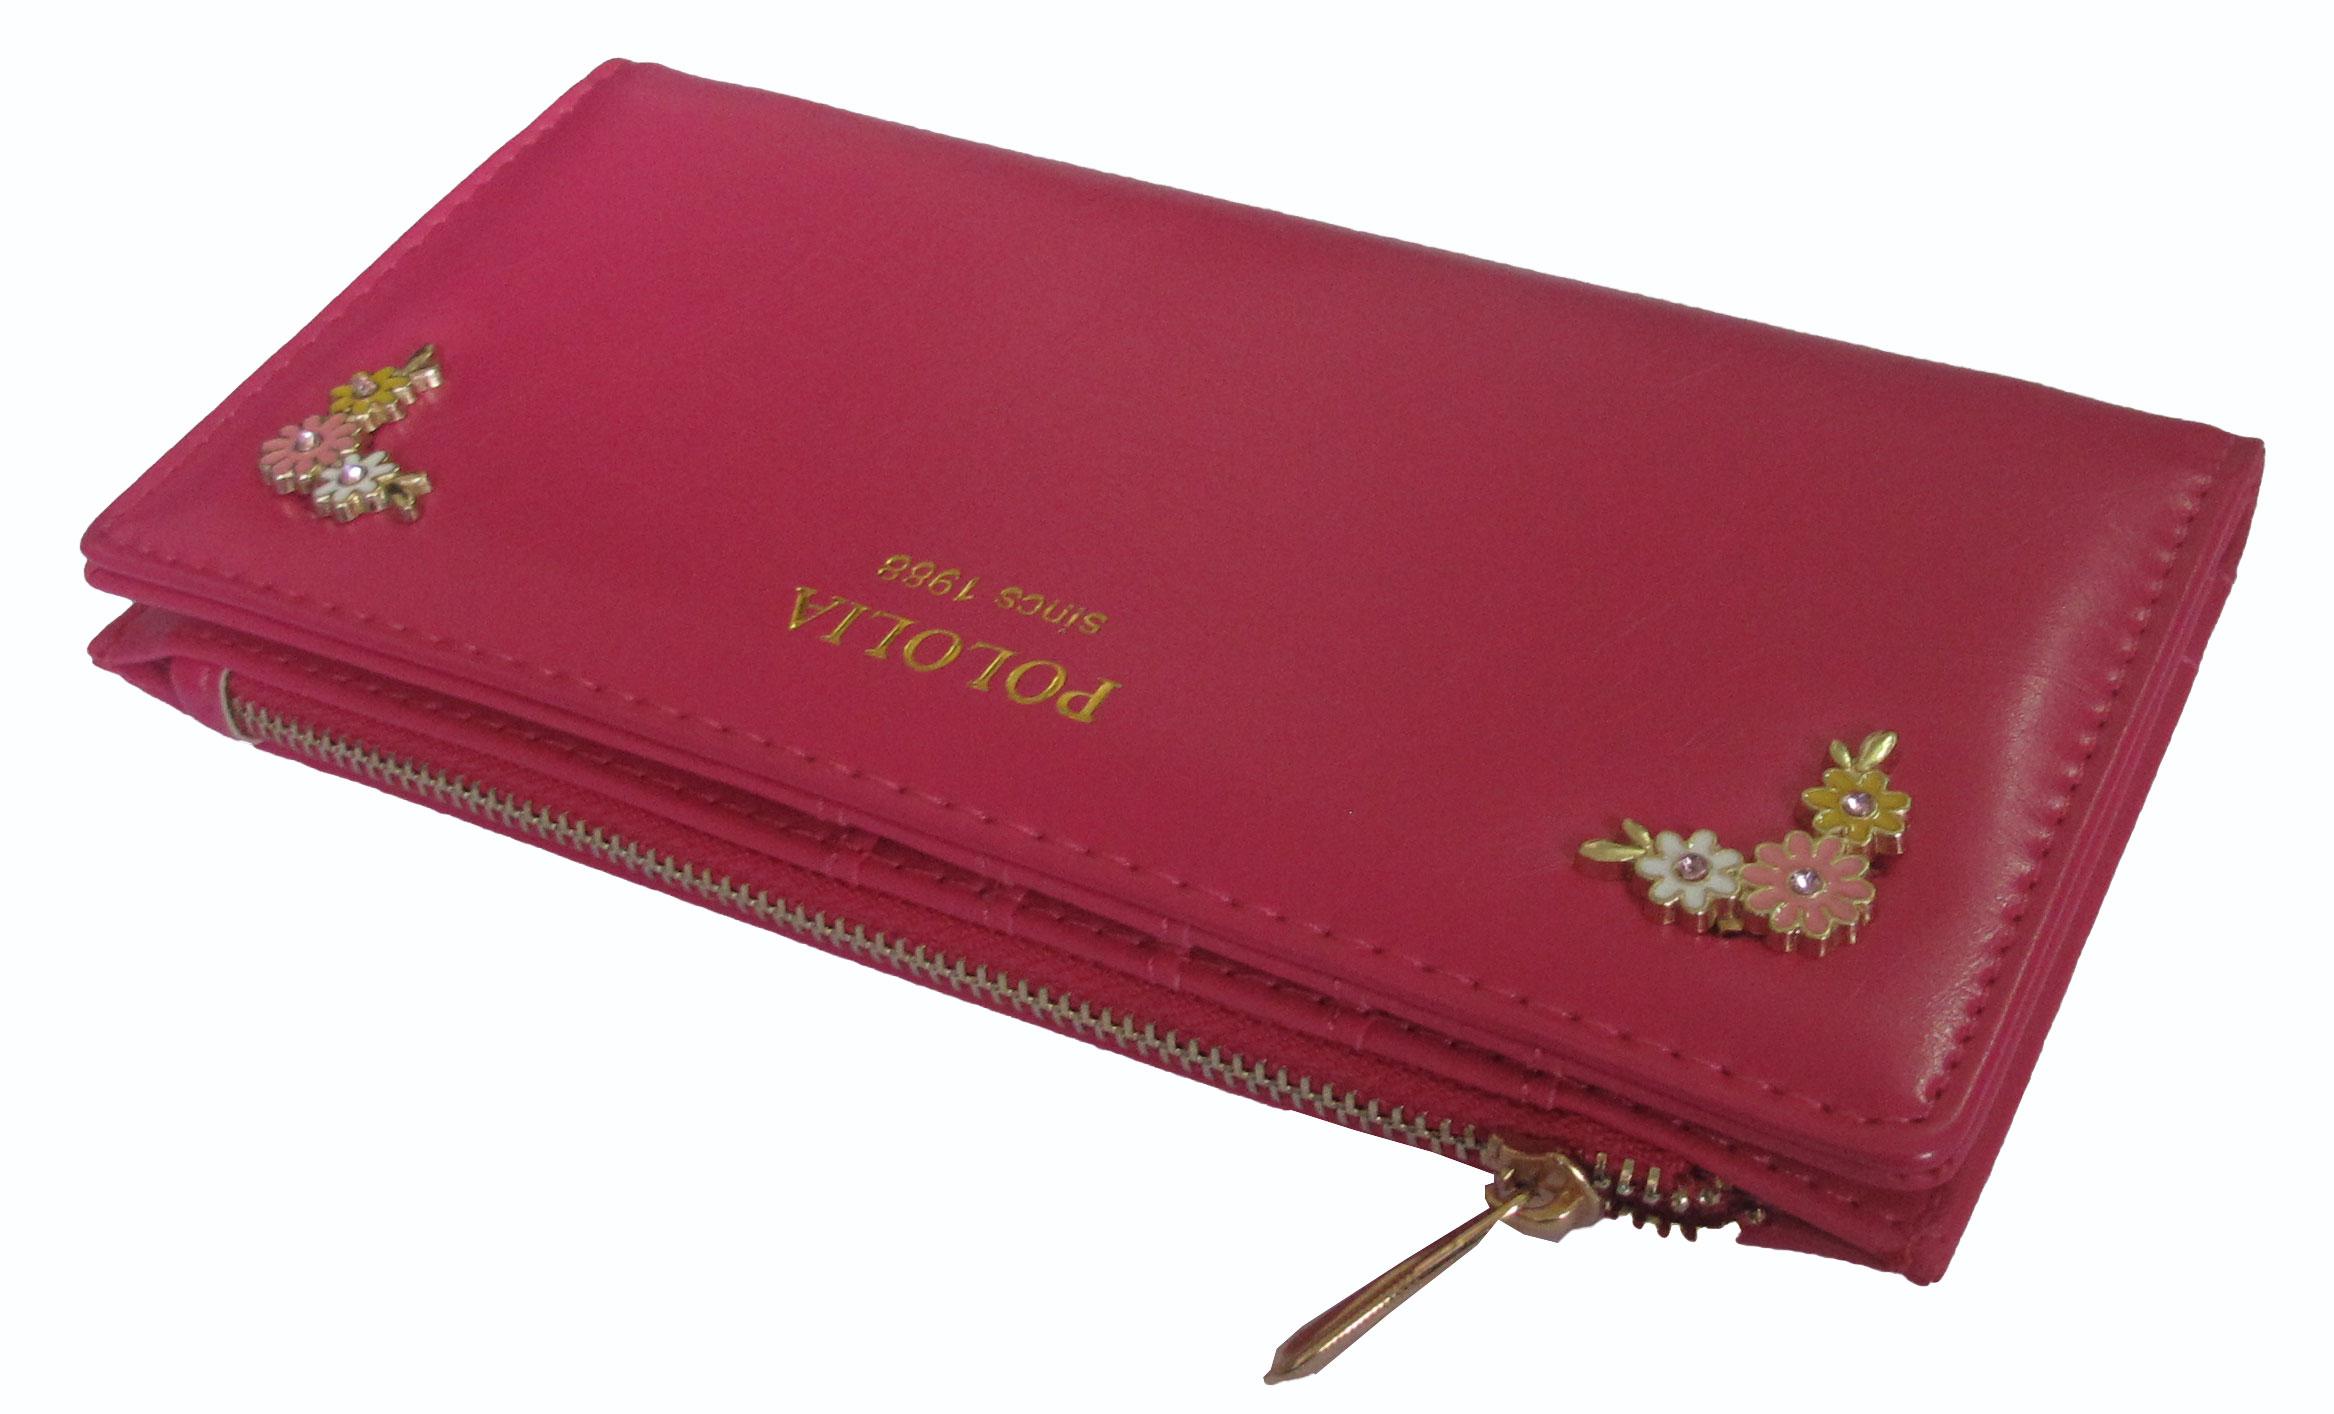 กระเป๋าแฟชั่น POLOLIA ประดับด้วย ดอกไม้เล็กๆ ที่มุมของกระเป๋า มี สีดำ และสีชมพู